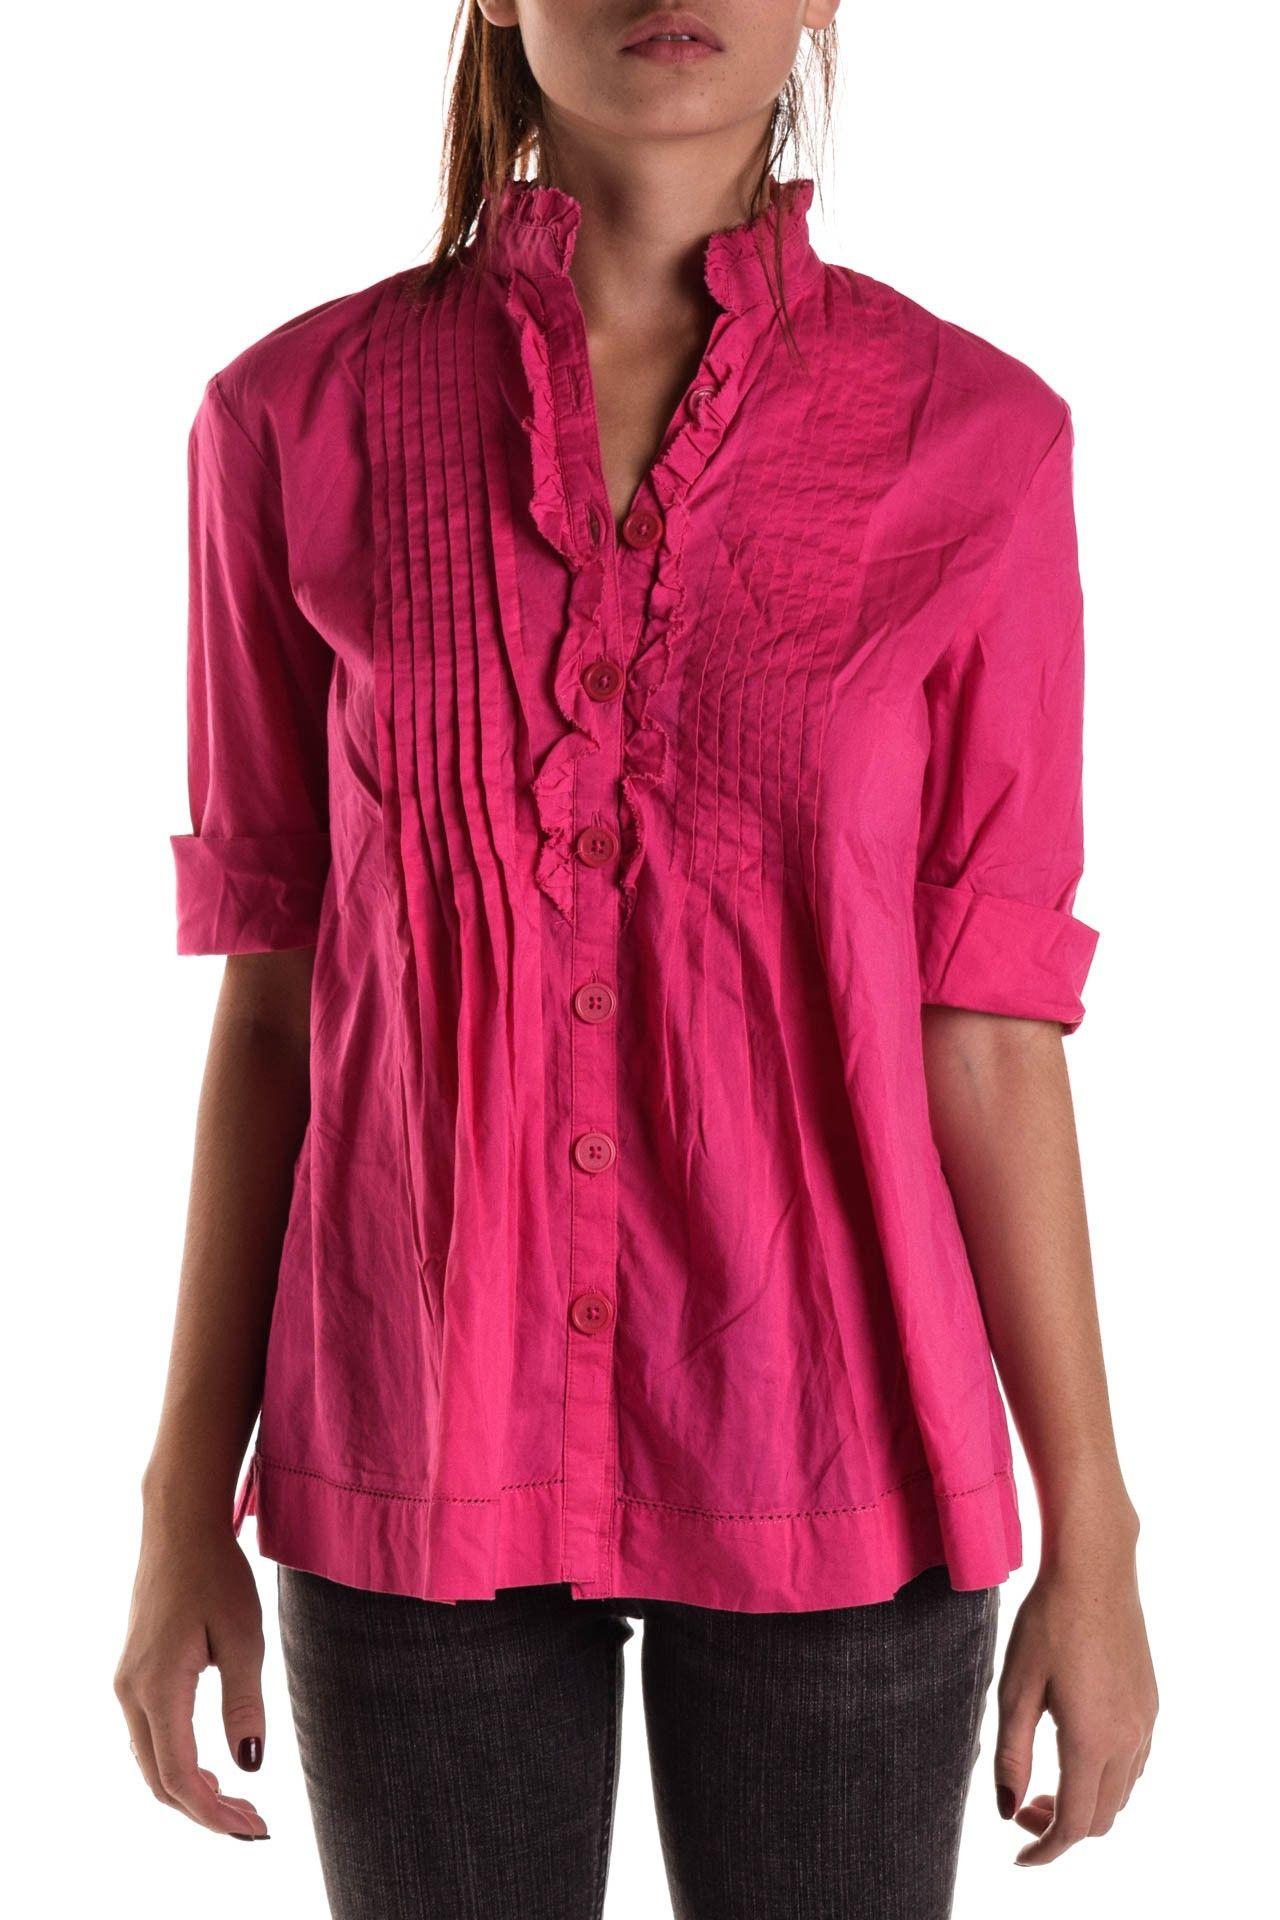 Michael Kors - Camisa Rosa Drapeada - Foto 2